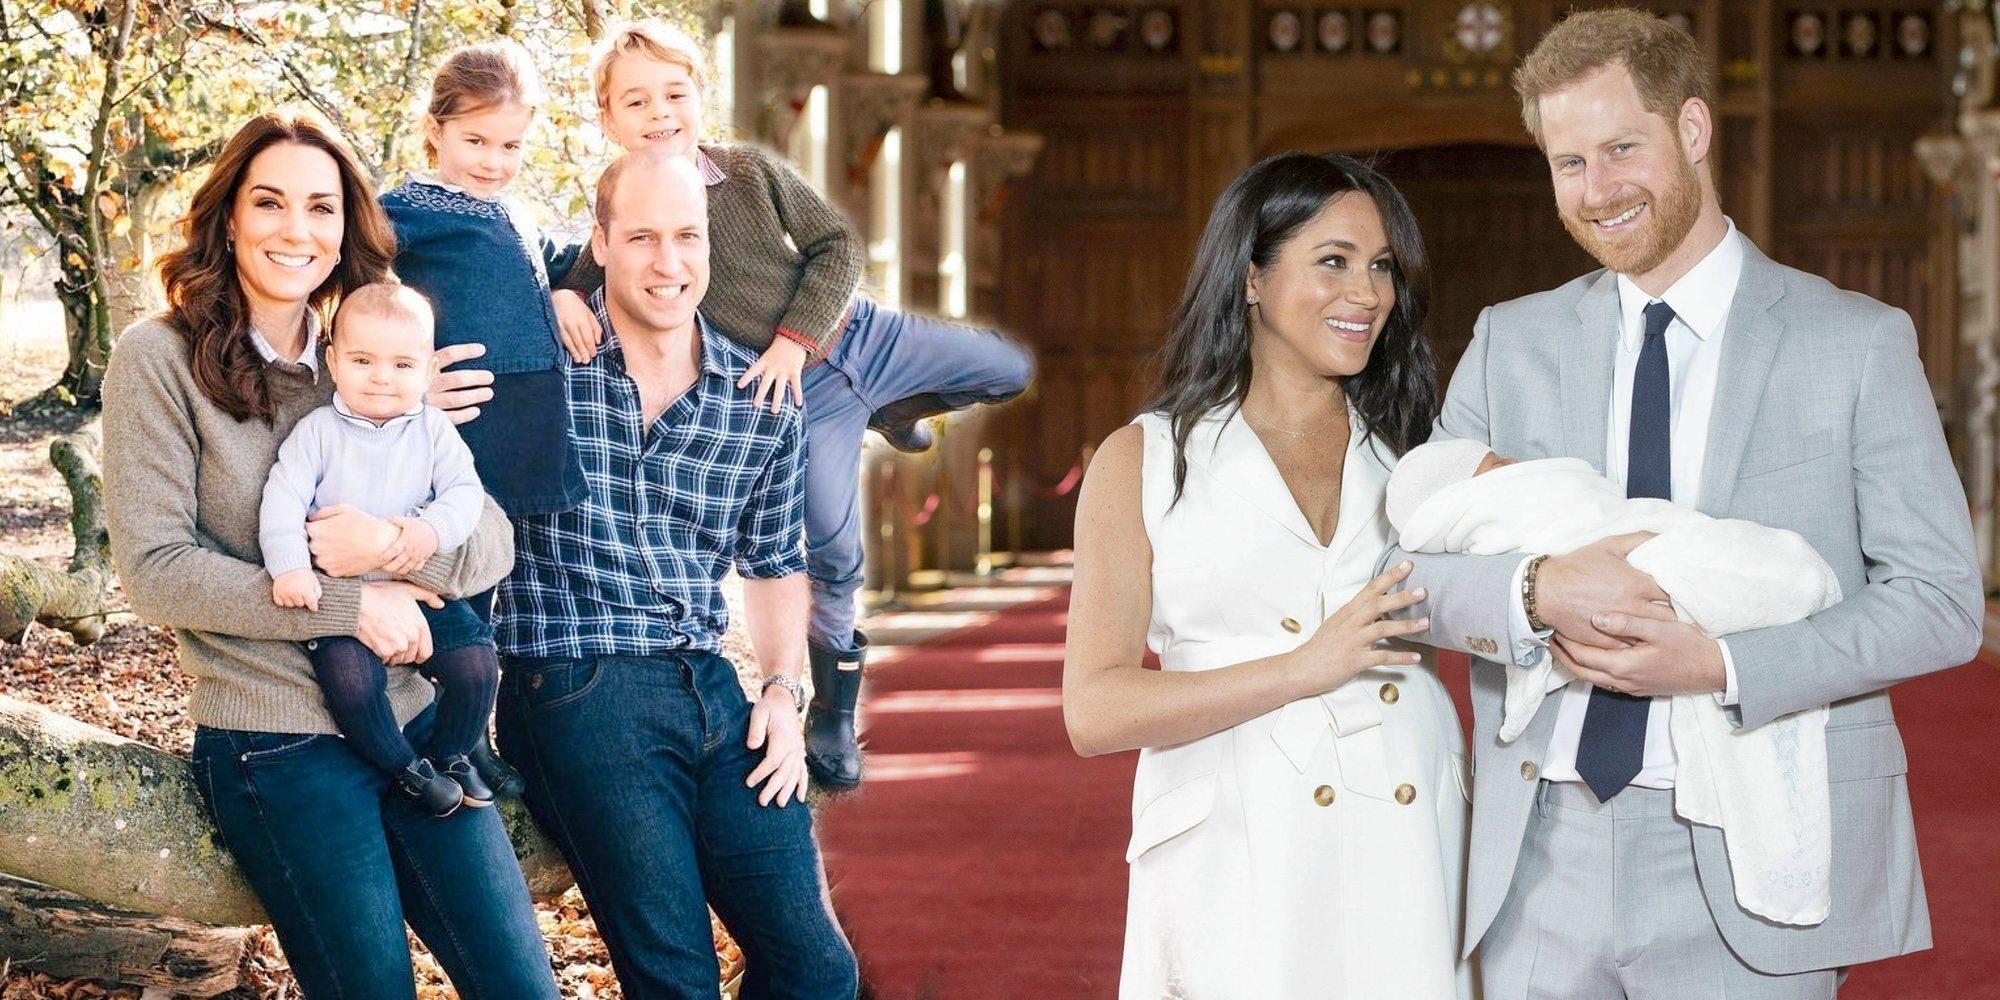 Primer encuentro público de los Príncipes Jorge, Carlota y Luis con su primo Archie Harrison